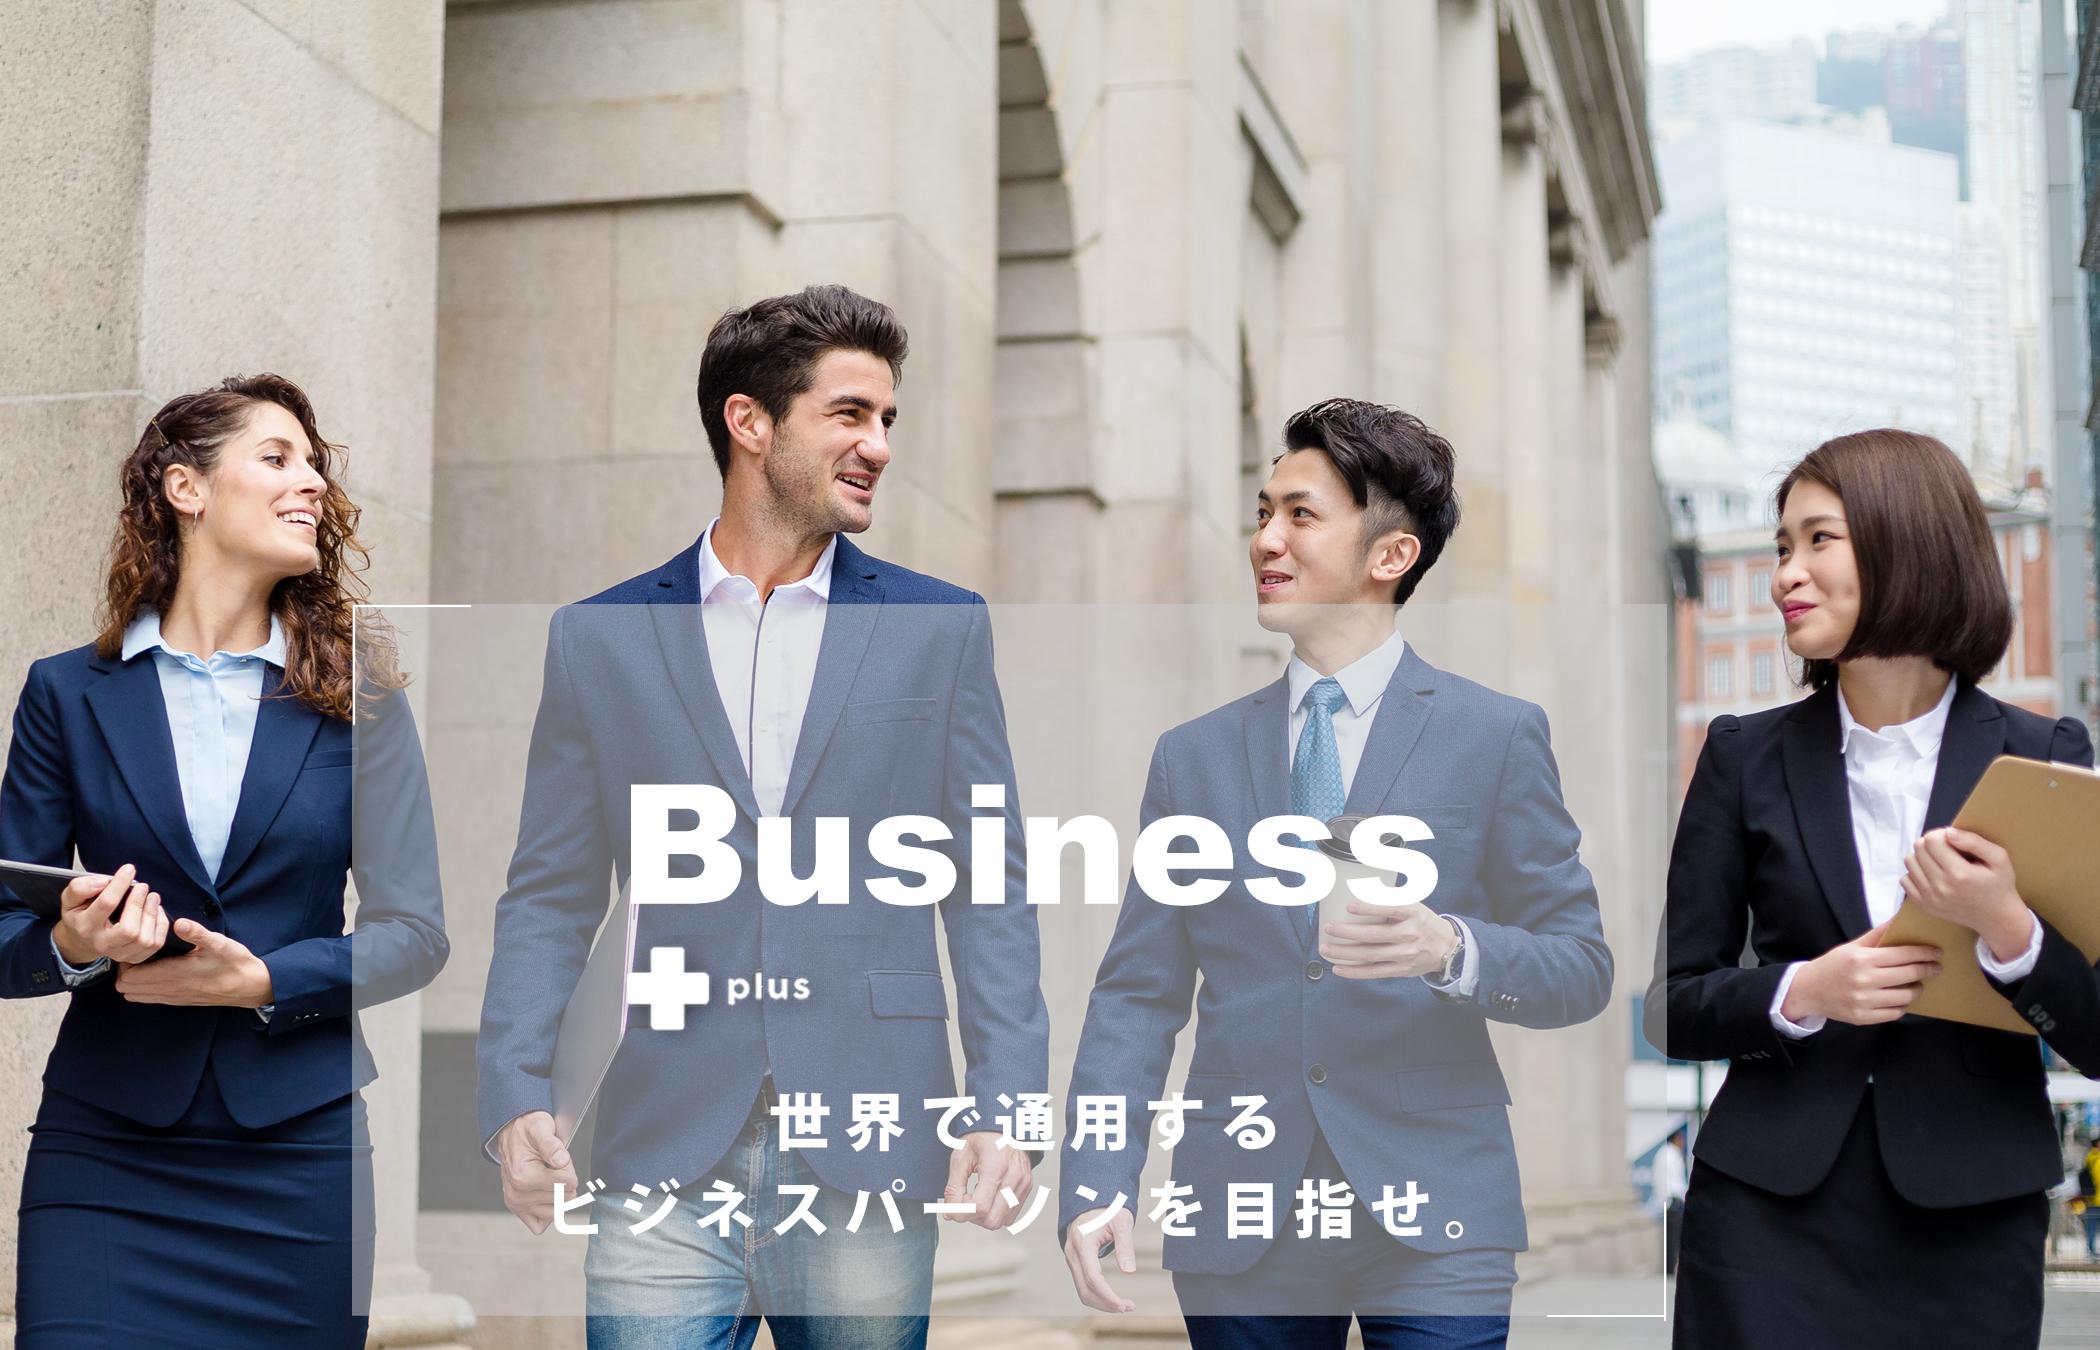 ビジネス英会話コース+コーチング